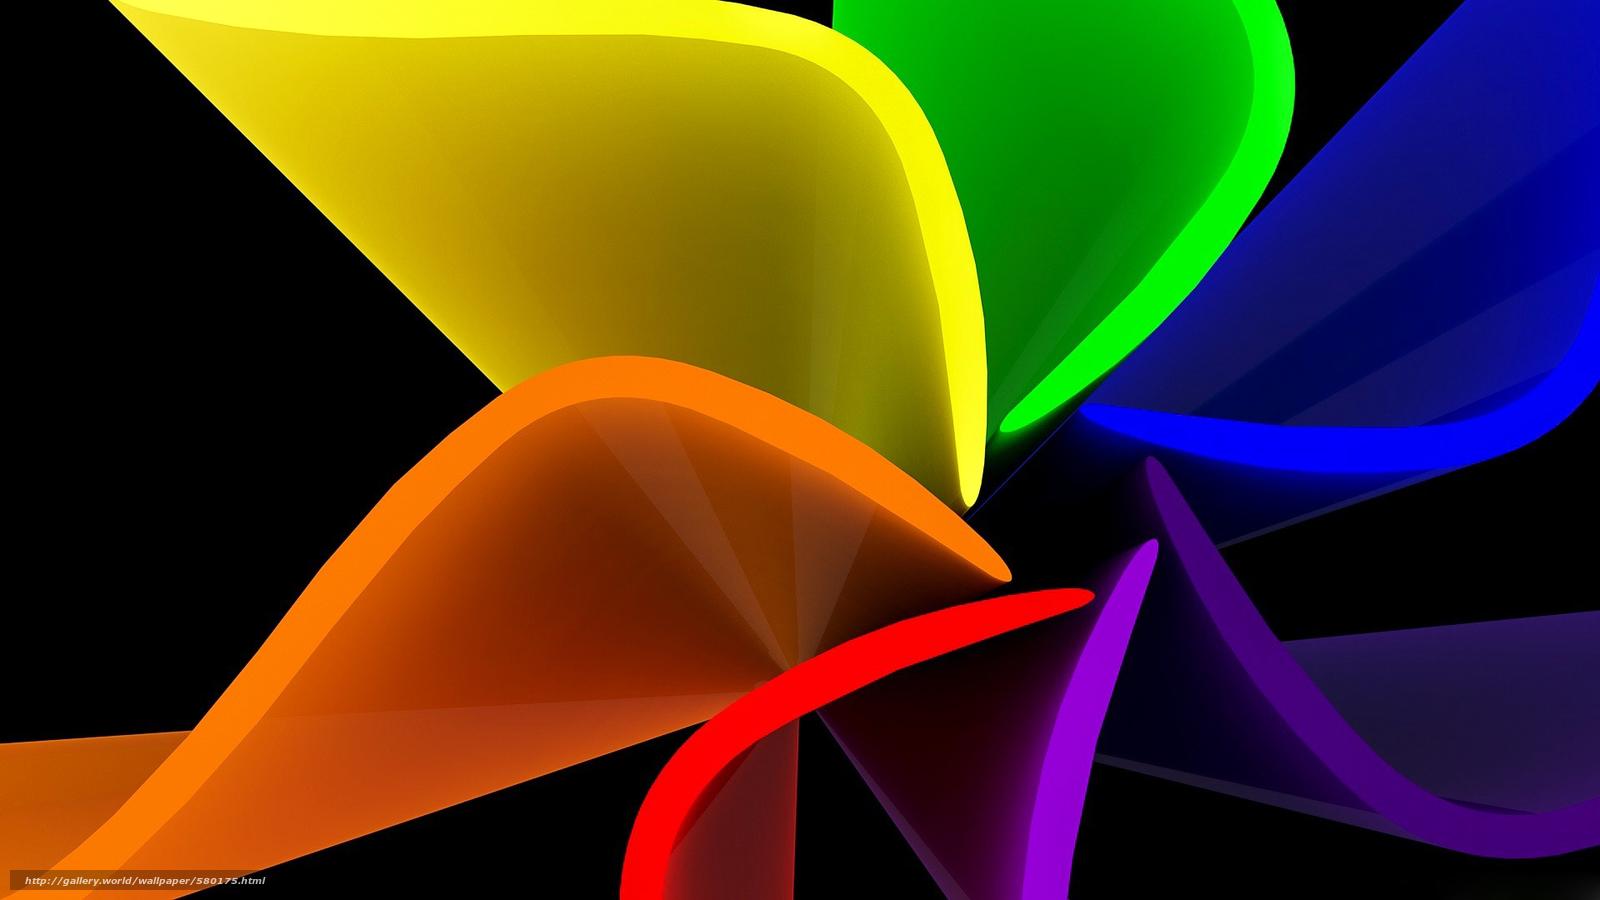 Скачать обои цветок,  радуга,  лист,  лепестки бесплатно для рабочего стола в разрешении 1920x1080 — картинка №580175